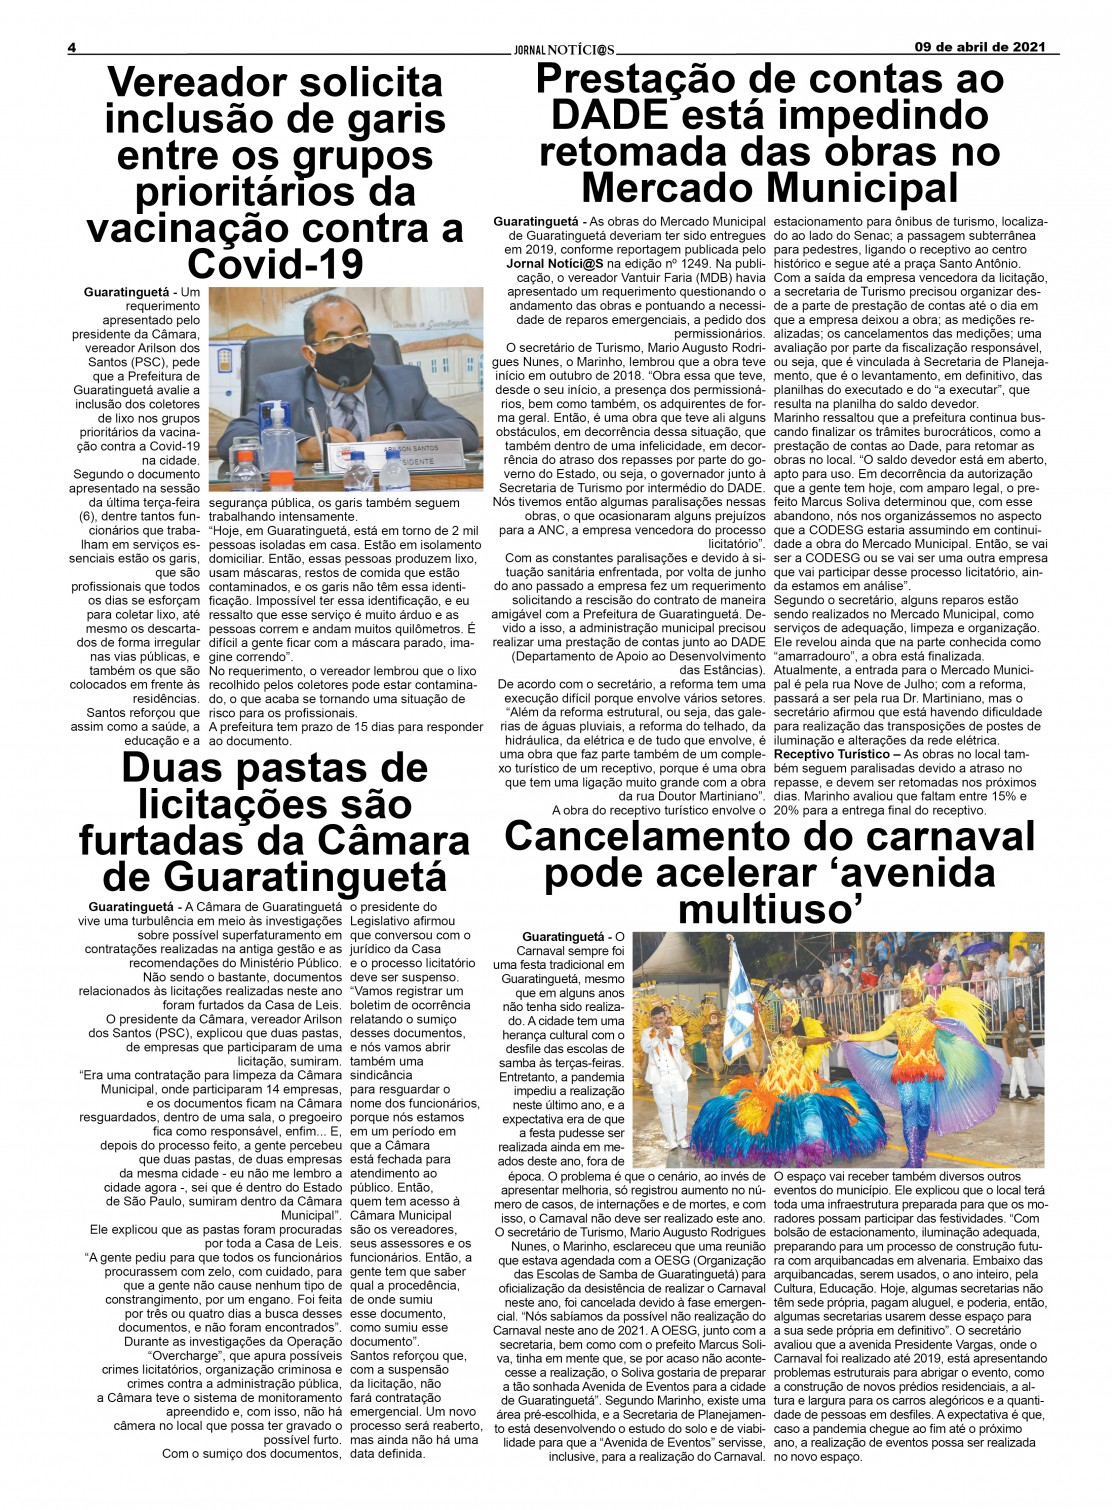 Edição nº1251 do Jornal pagina 1251